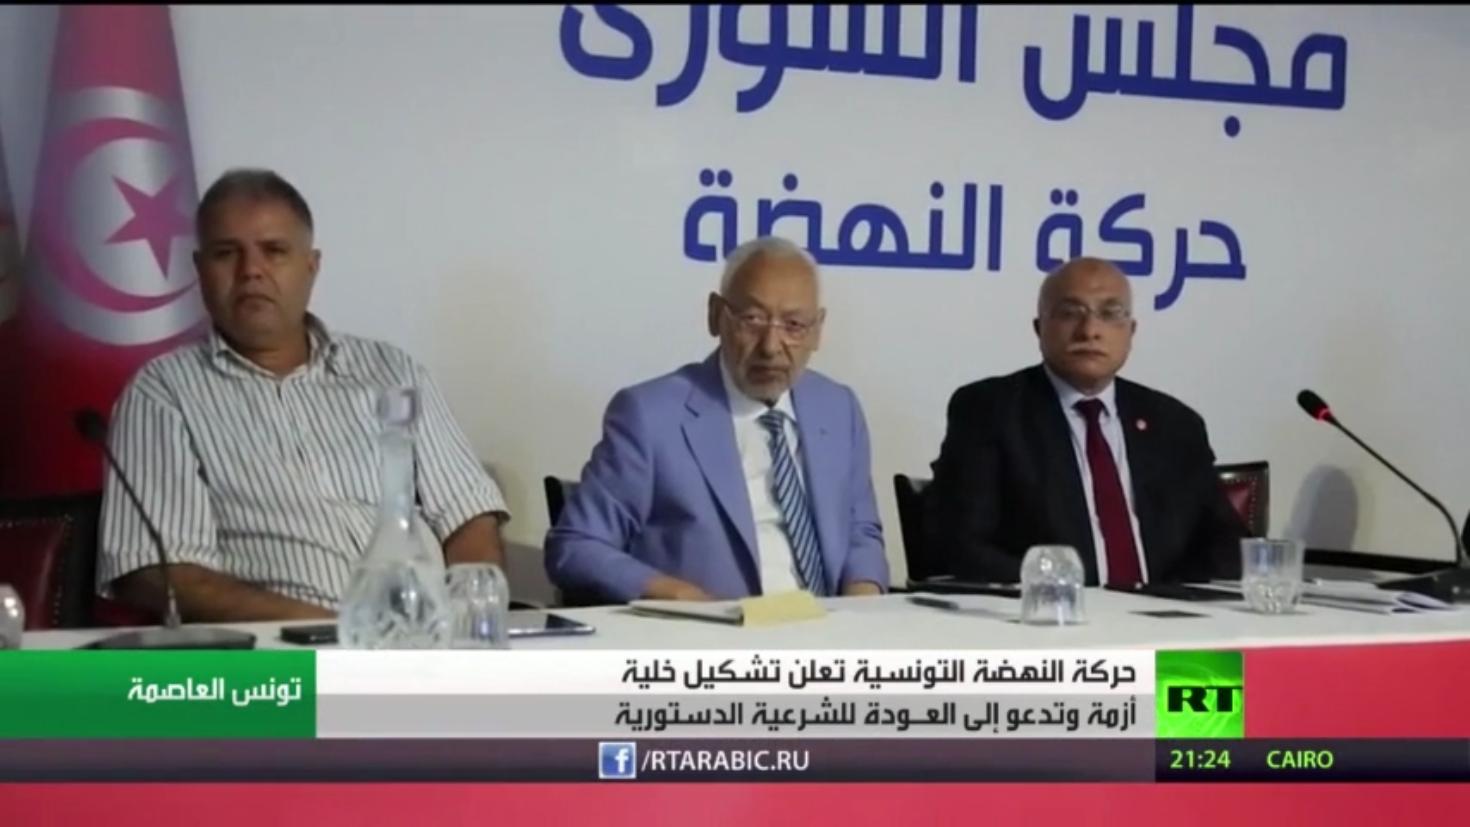 حركة النهضة تدعو لإطلاق حوار وطني في تونس